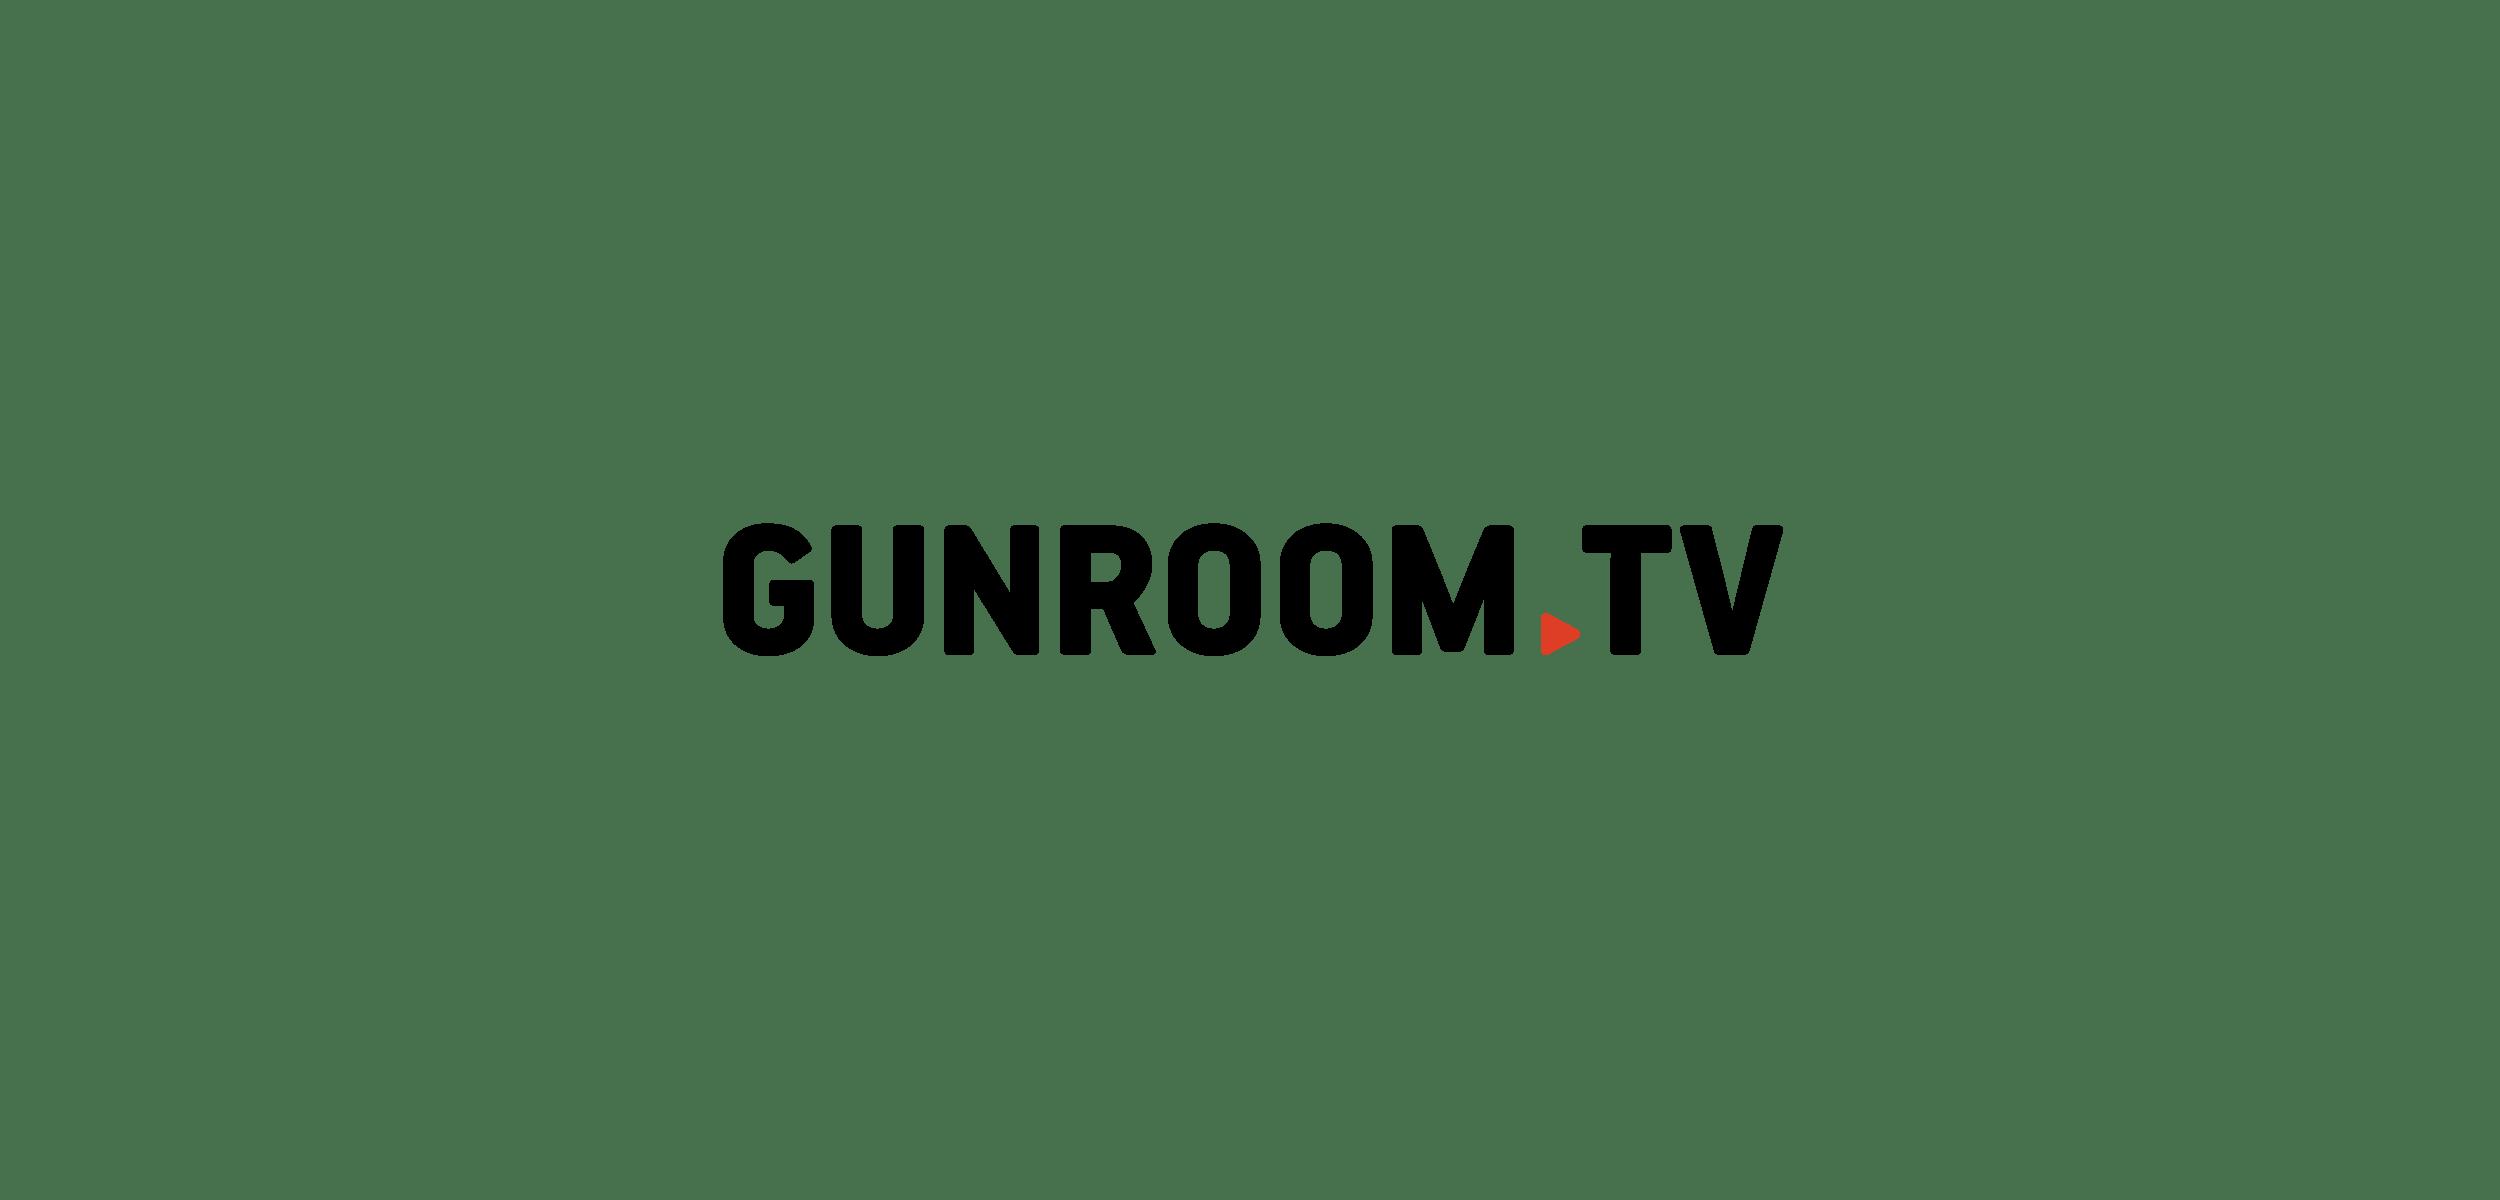 Practical Gunroom Tv